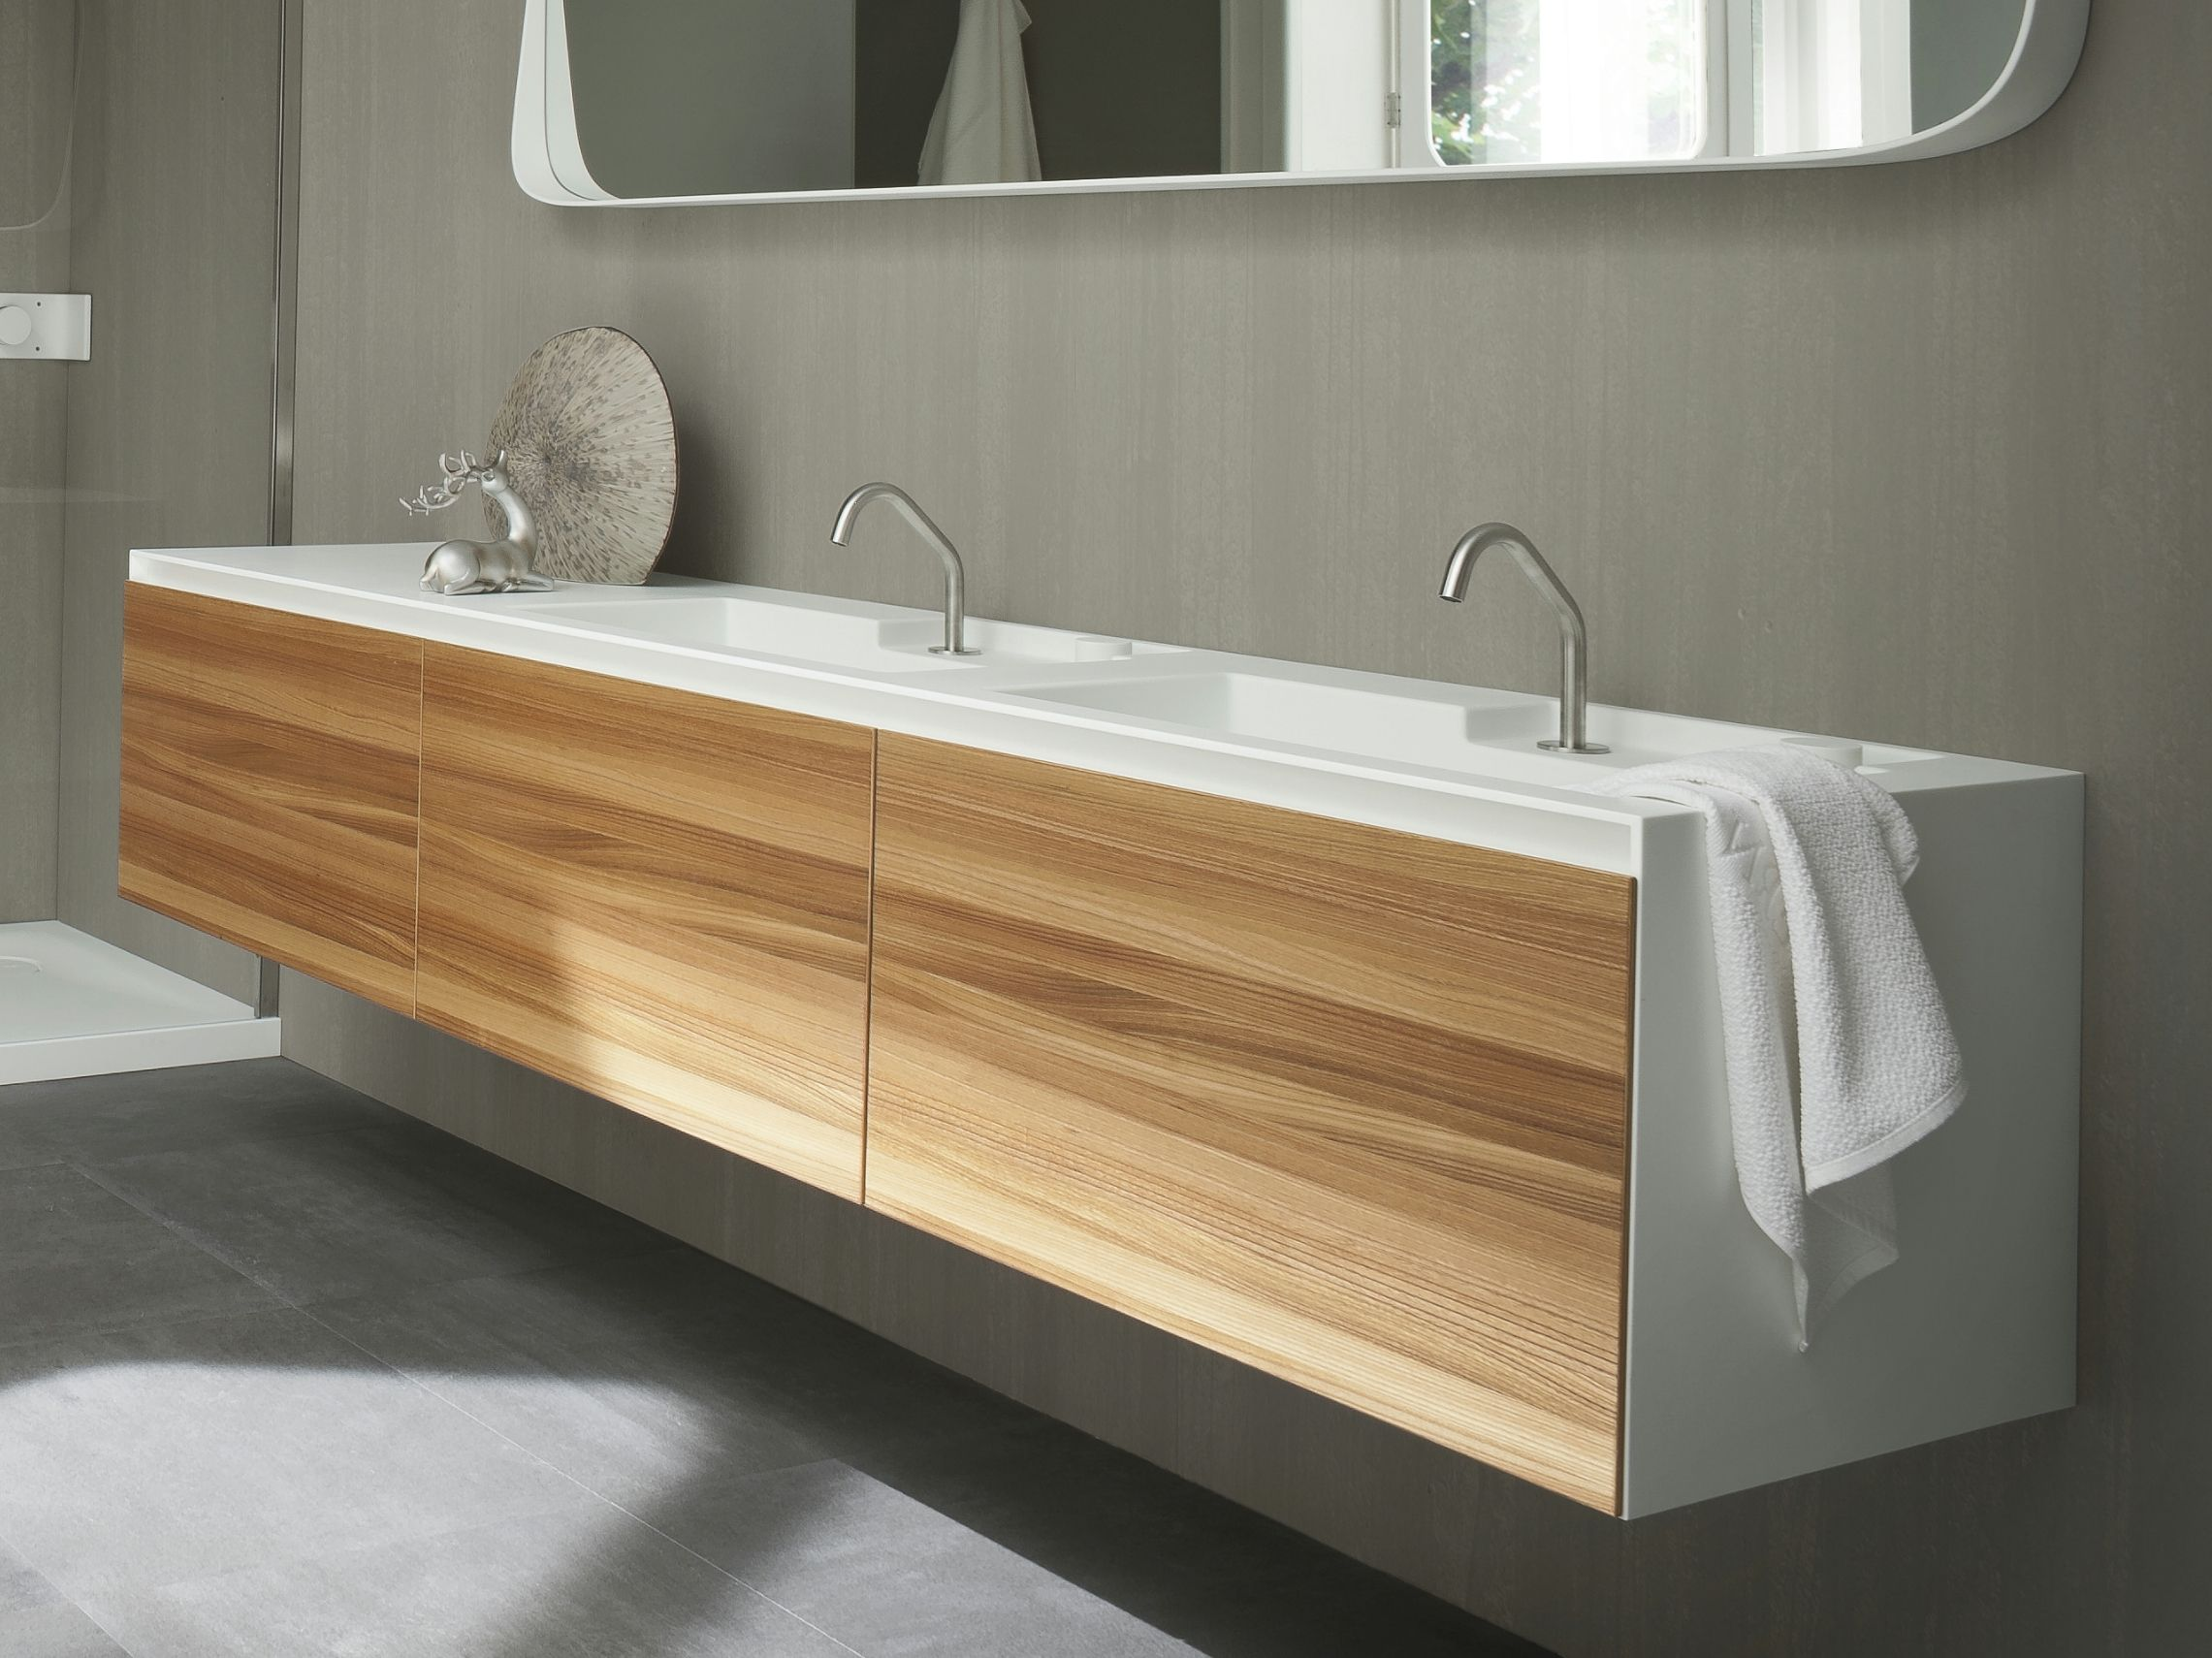 H ngender waschtischunterschrank aus corian mit t ren for Hangedekoration wohnzimmer